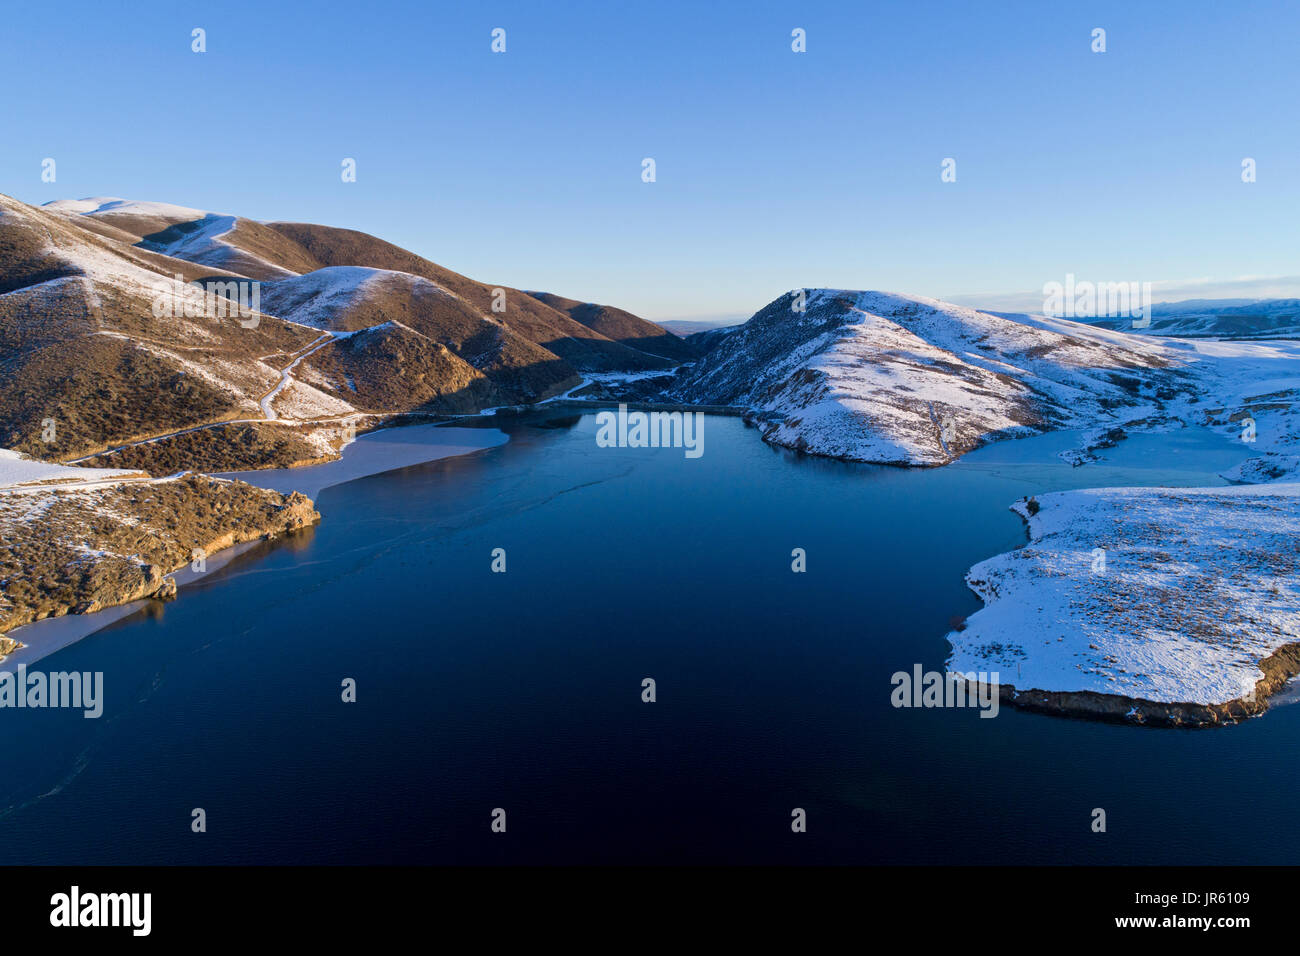 Falls Dam, Maniototo, Central Otago, île du Sud, Nouvelle-Zélande - Antenne de drone Photo Stock